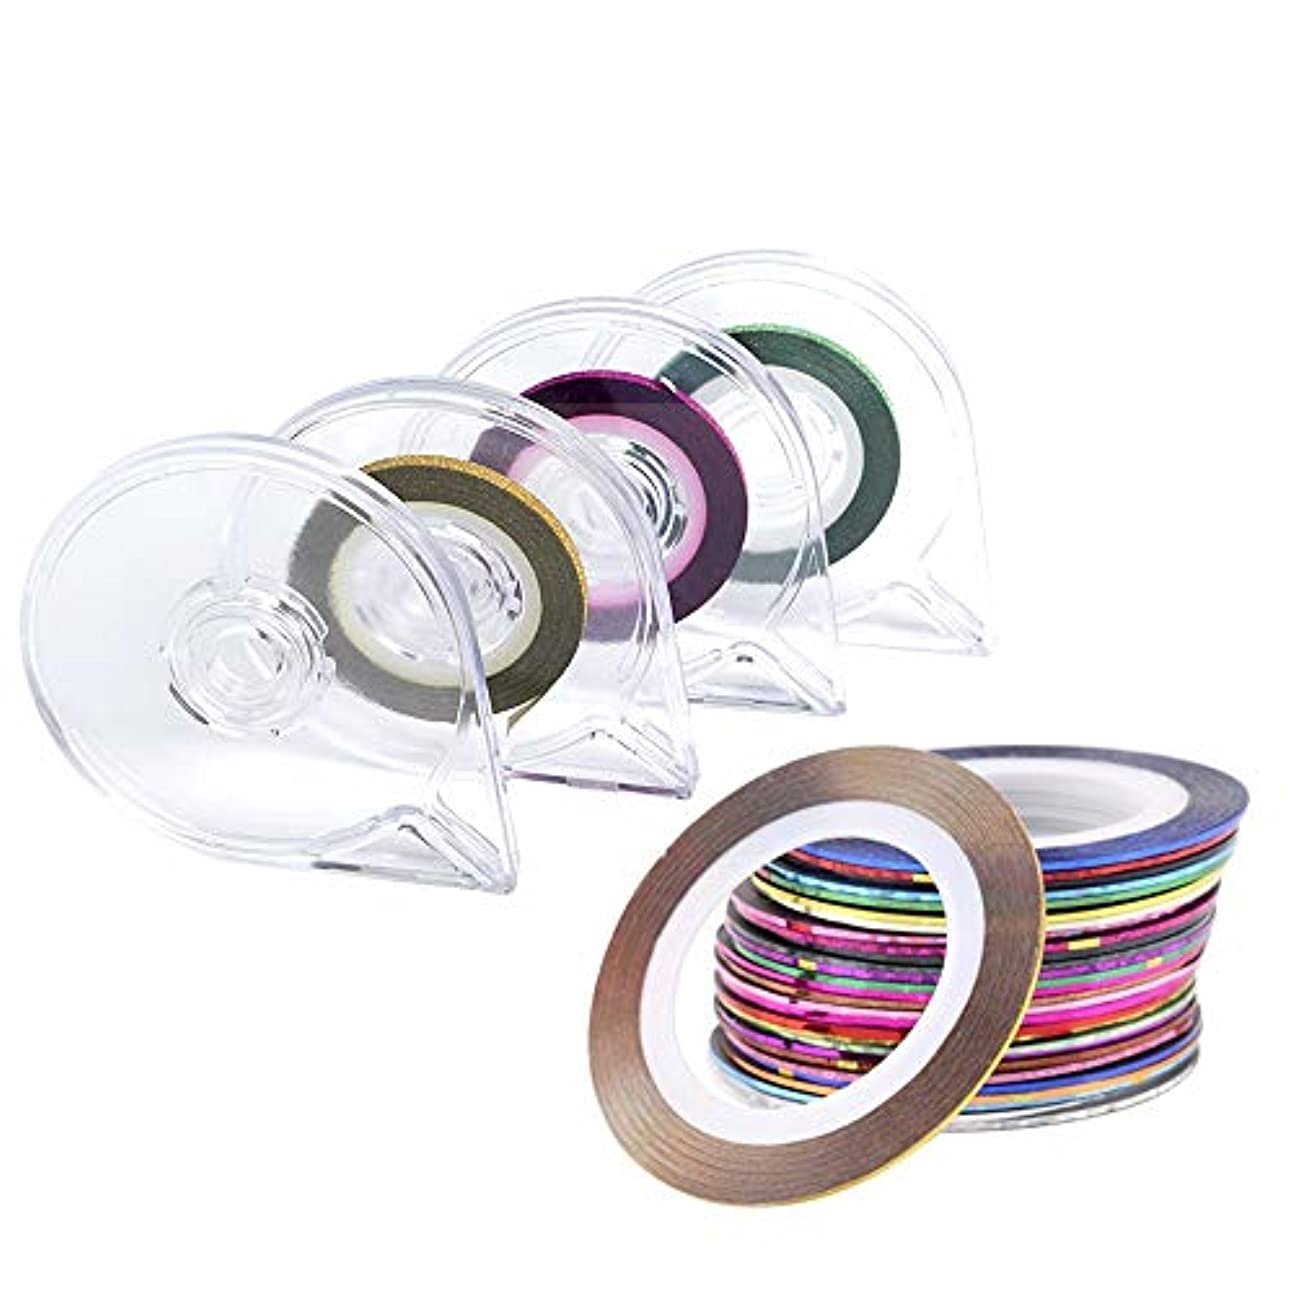 平衡納屋森林ラインテープネイルアート用 ラインテープ シート ジェルネイル用 マニキュア セット ジェルネイル アート用ラインテープ 専用ケース付き 30ピース (Color : Mixed Colour)